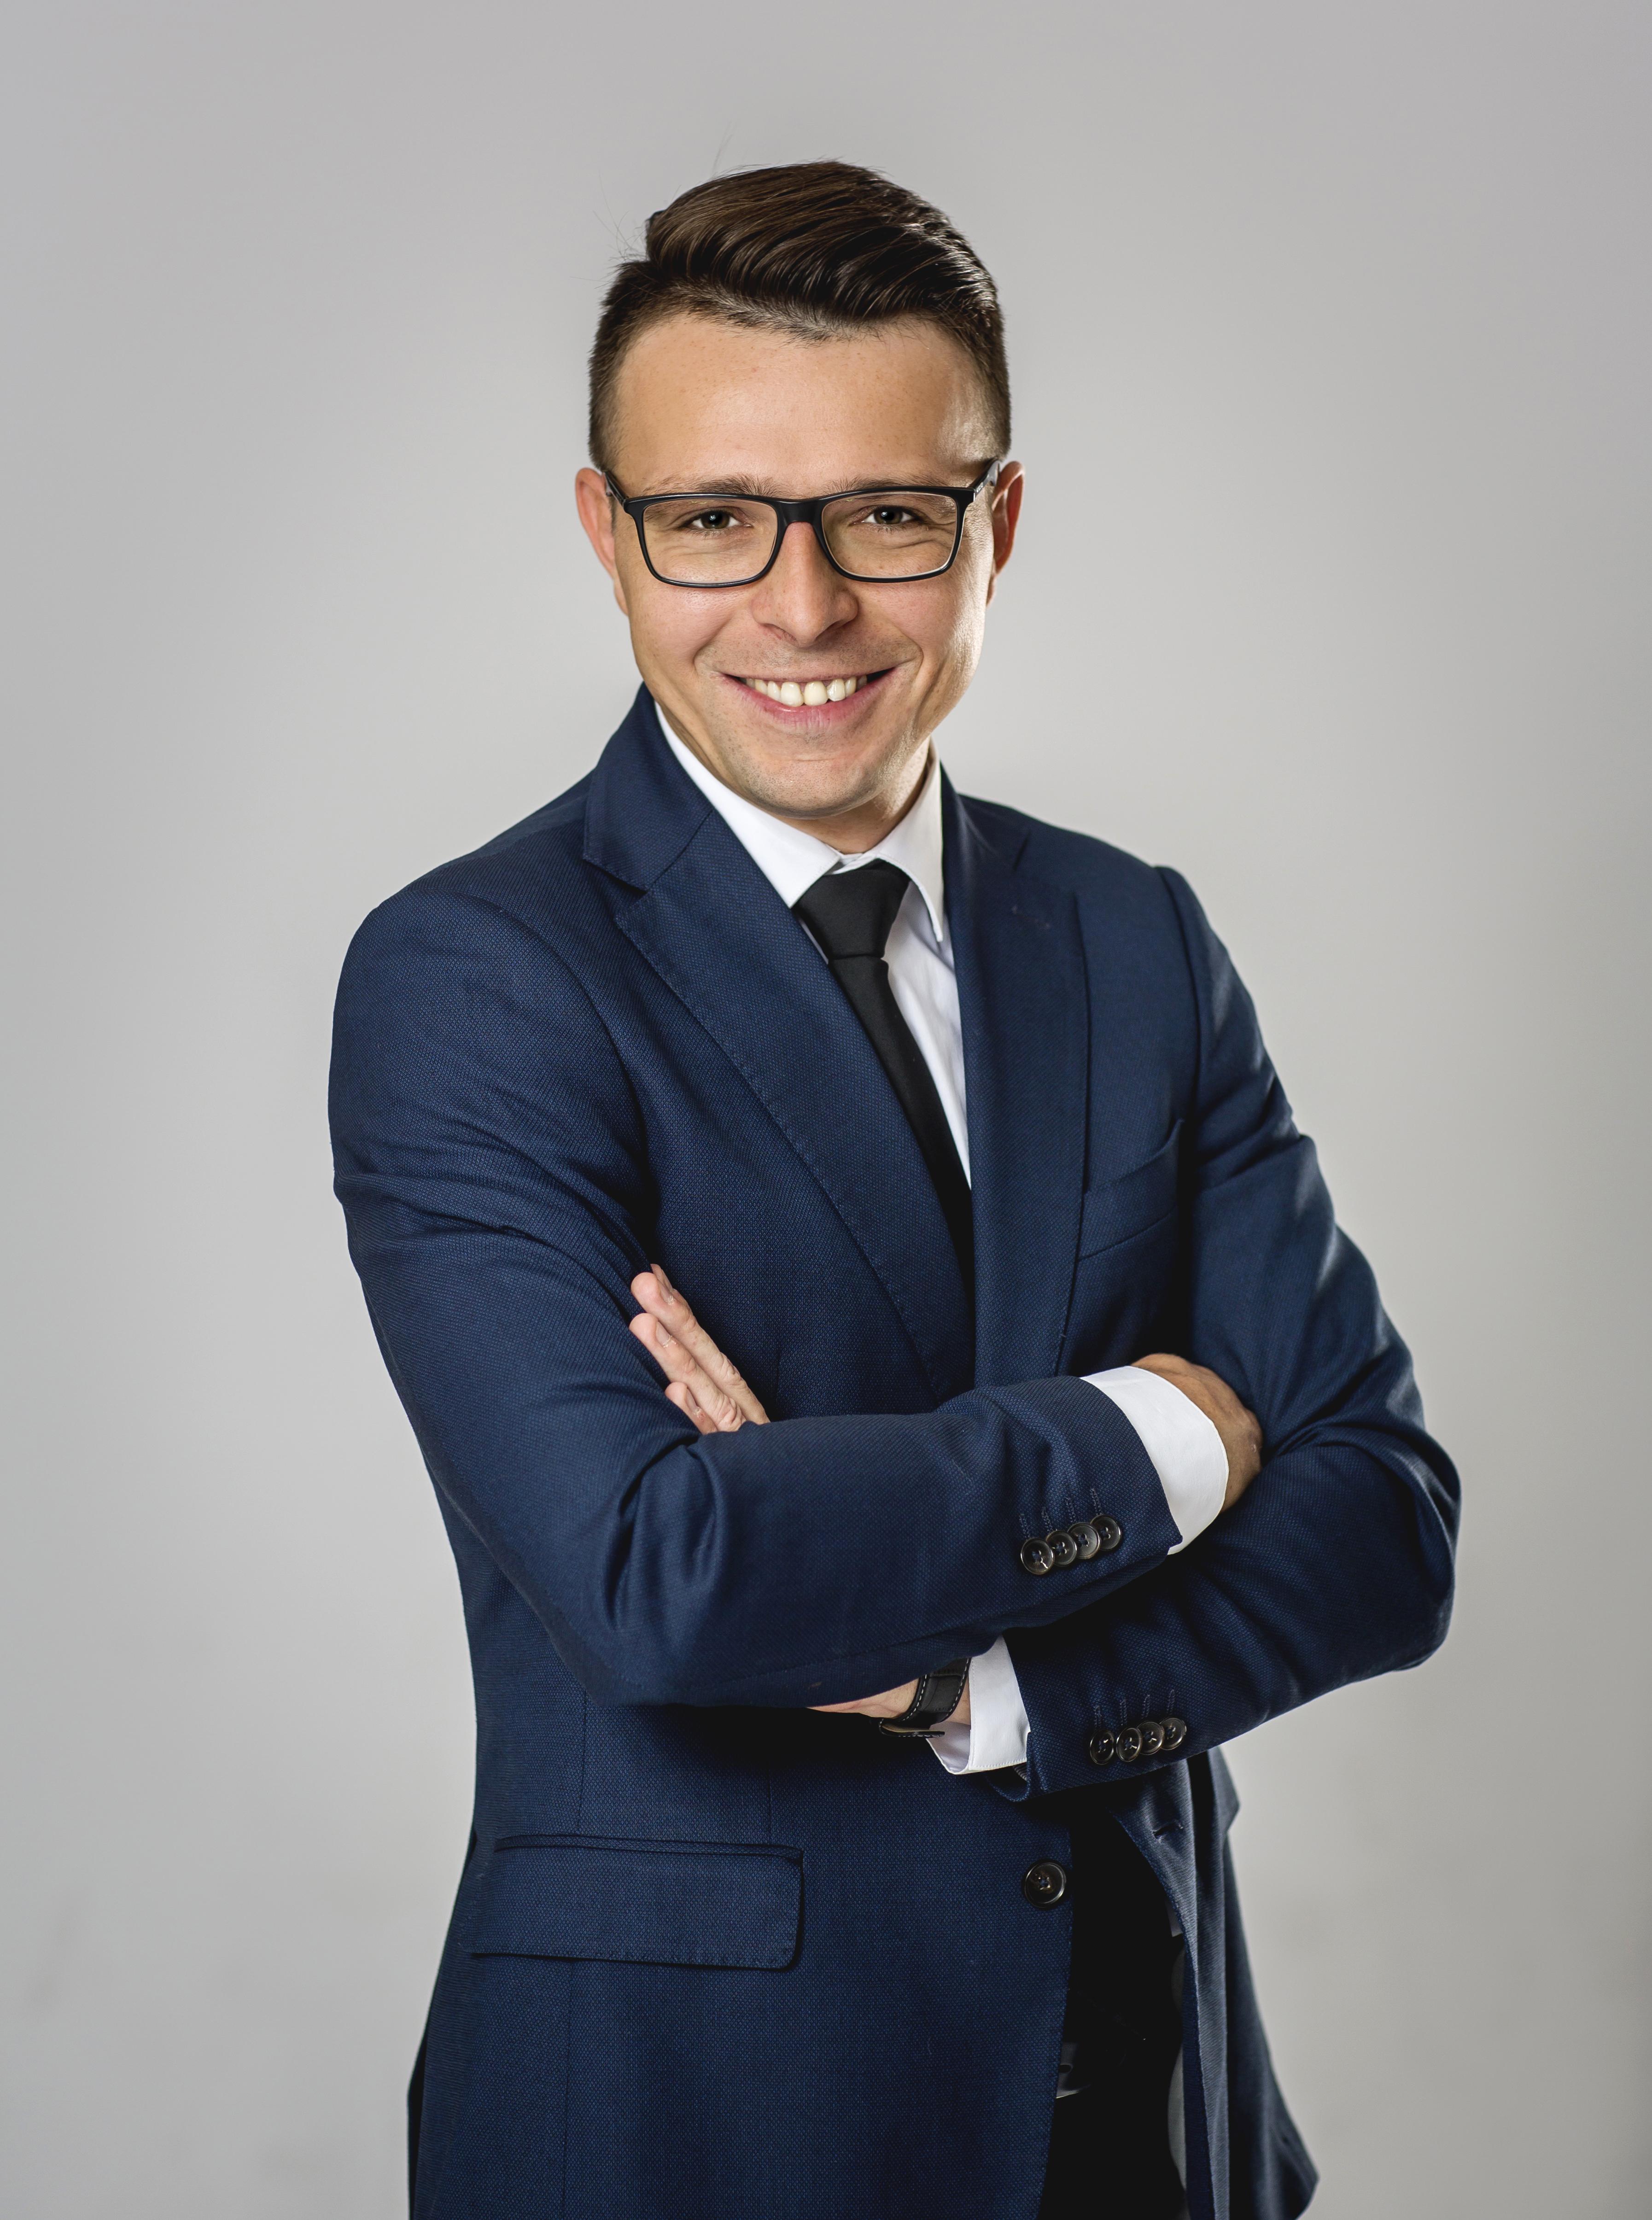 Wojciech Basiewicz